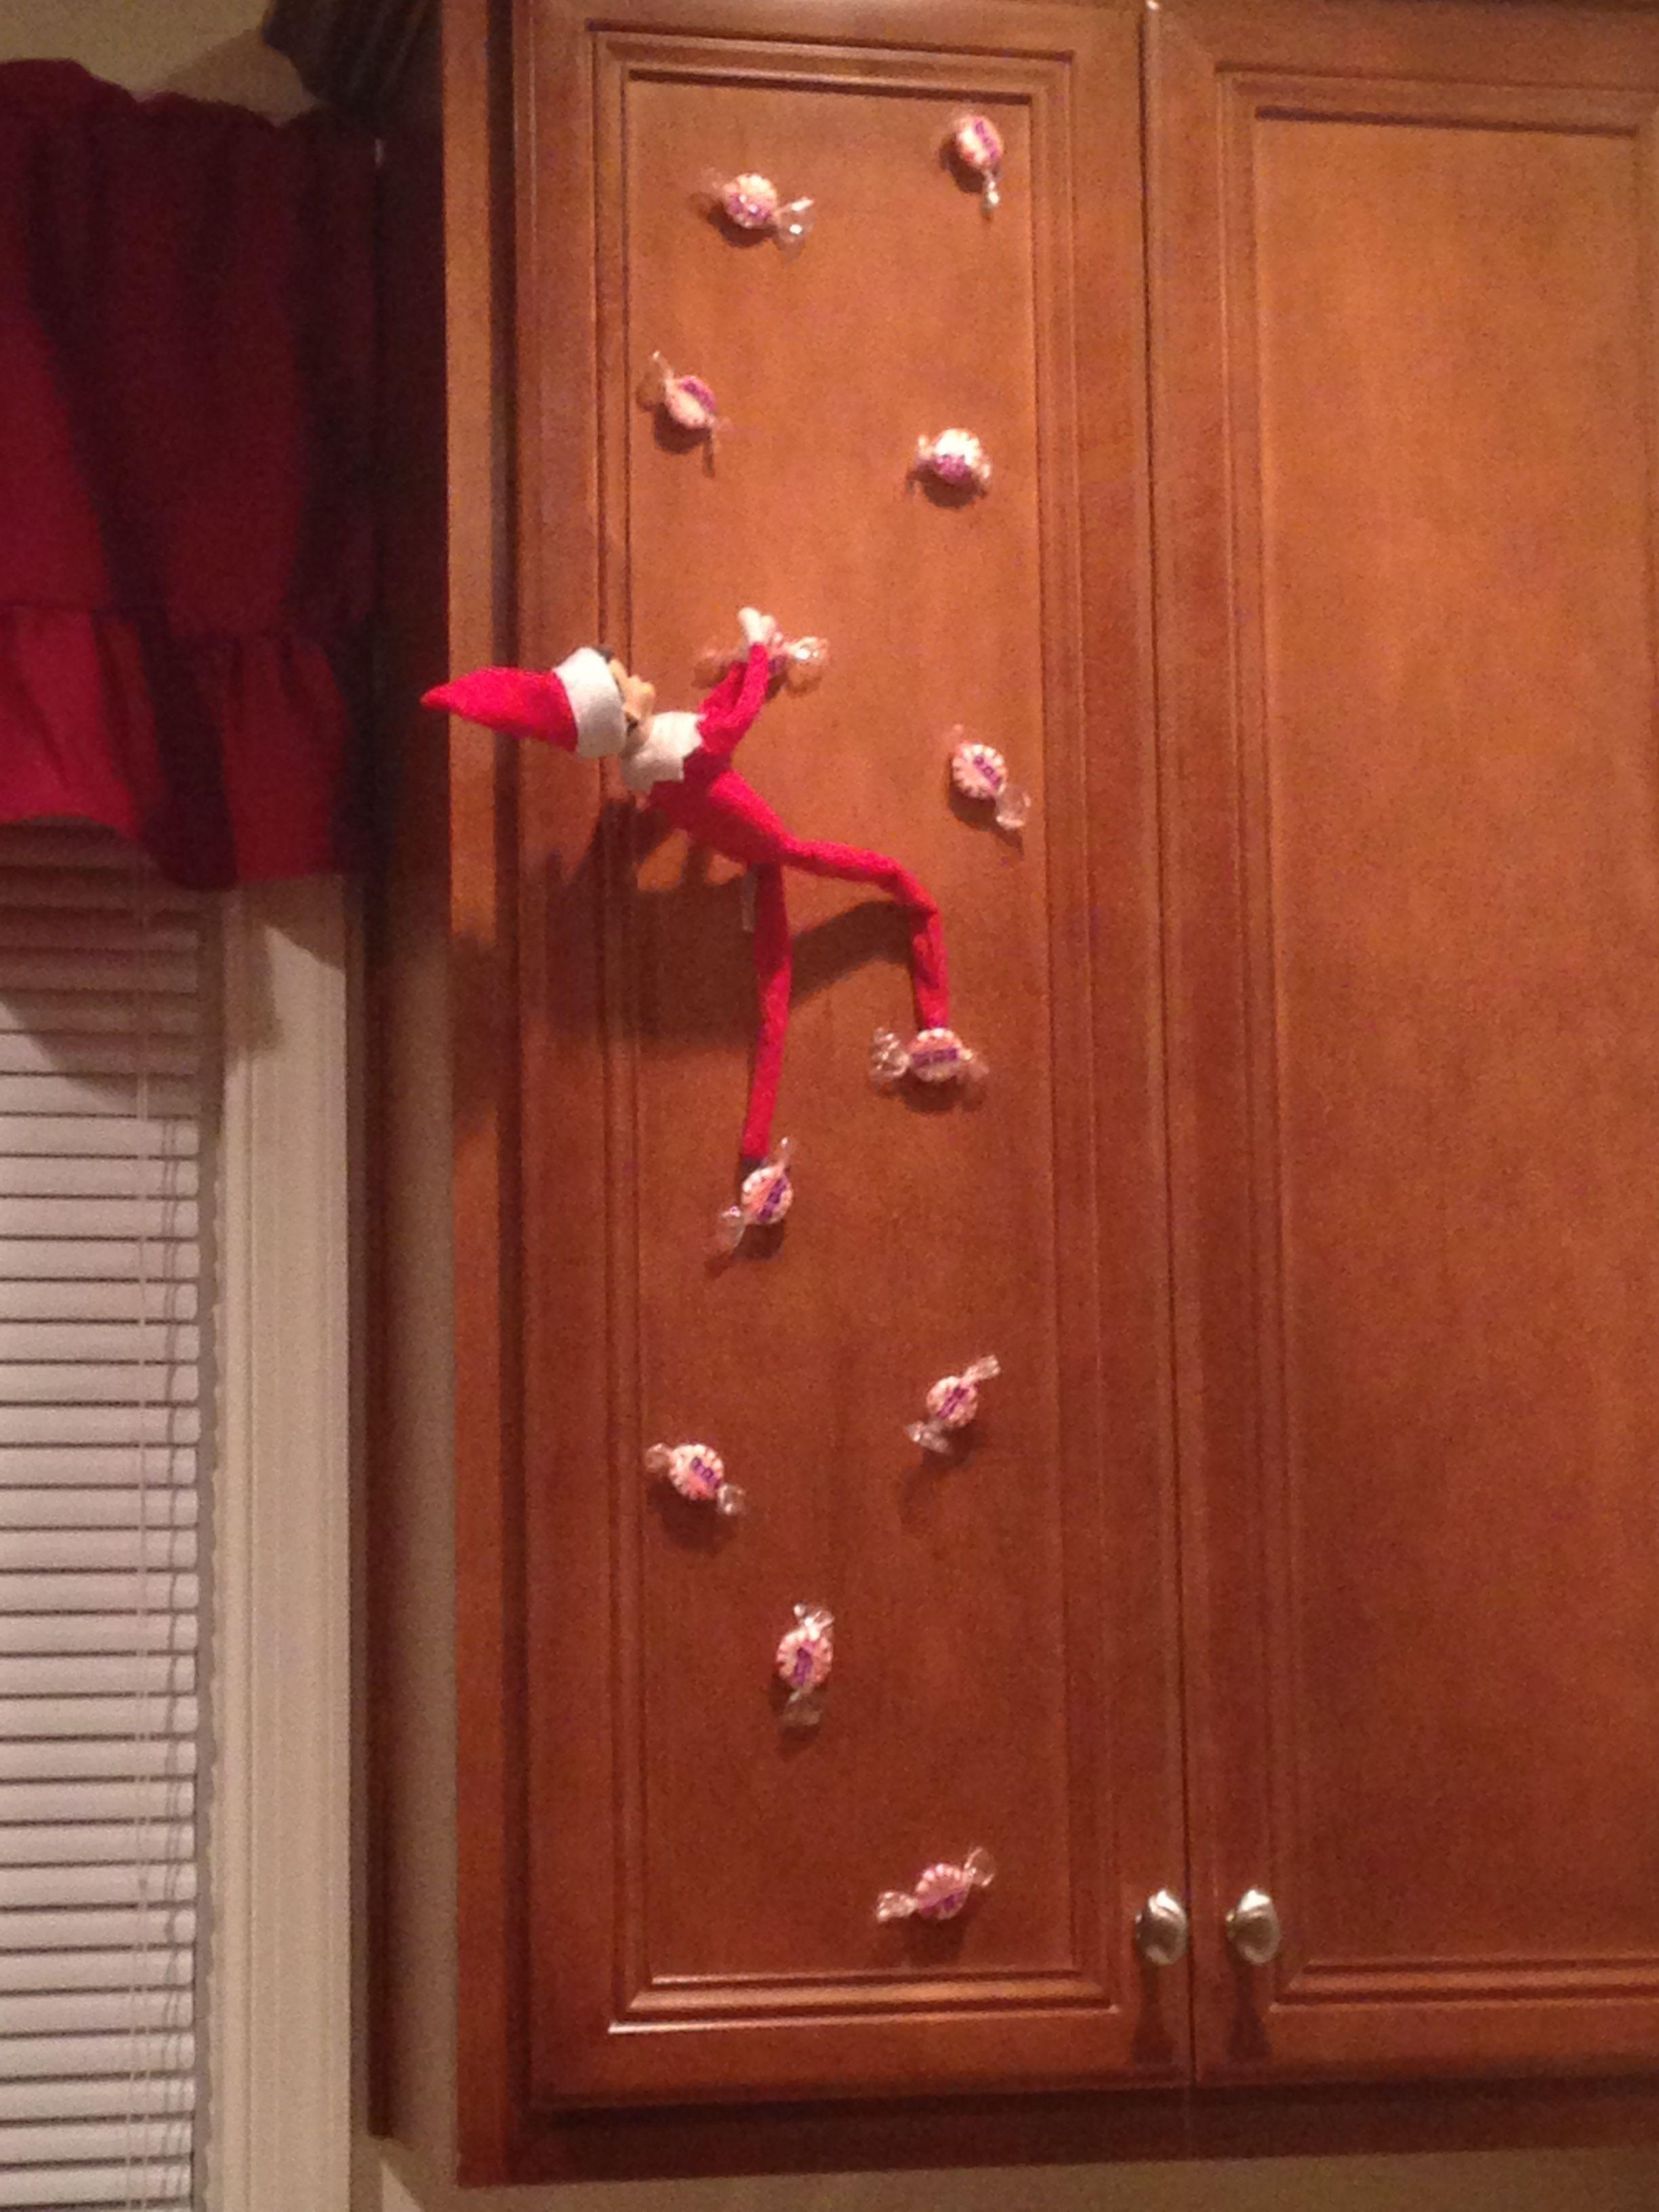 d5cad34b7 elf on the shelf - candy rock climbing